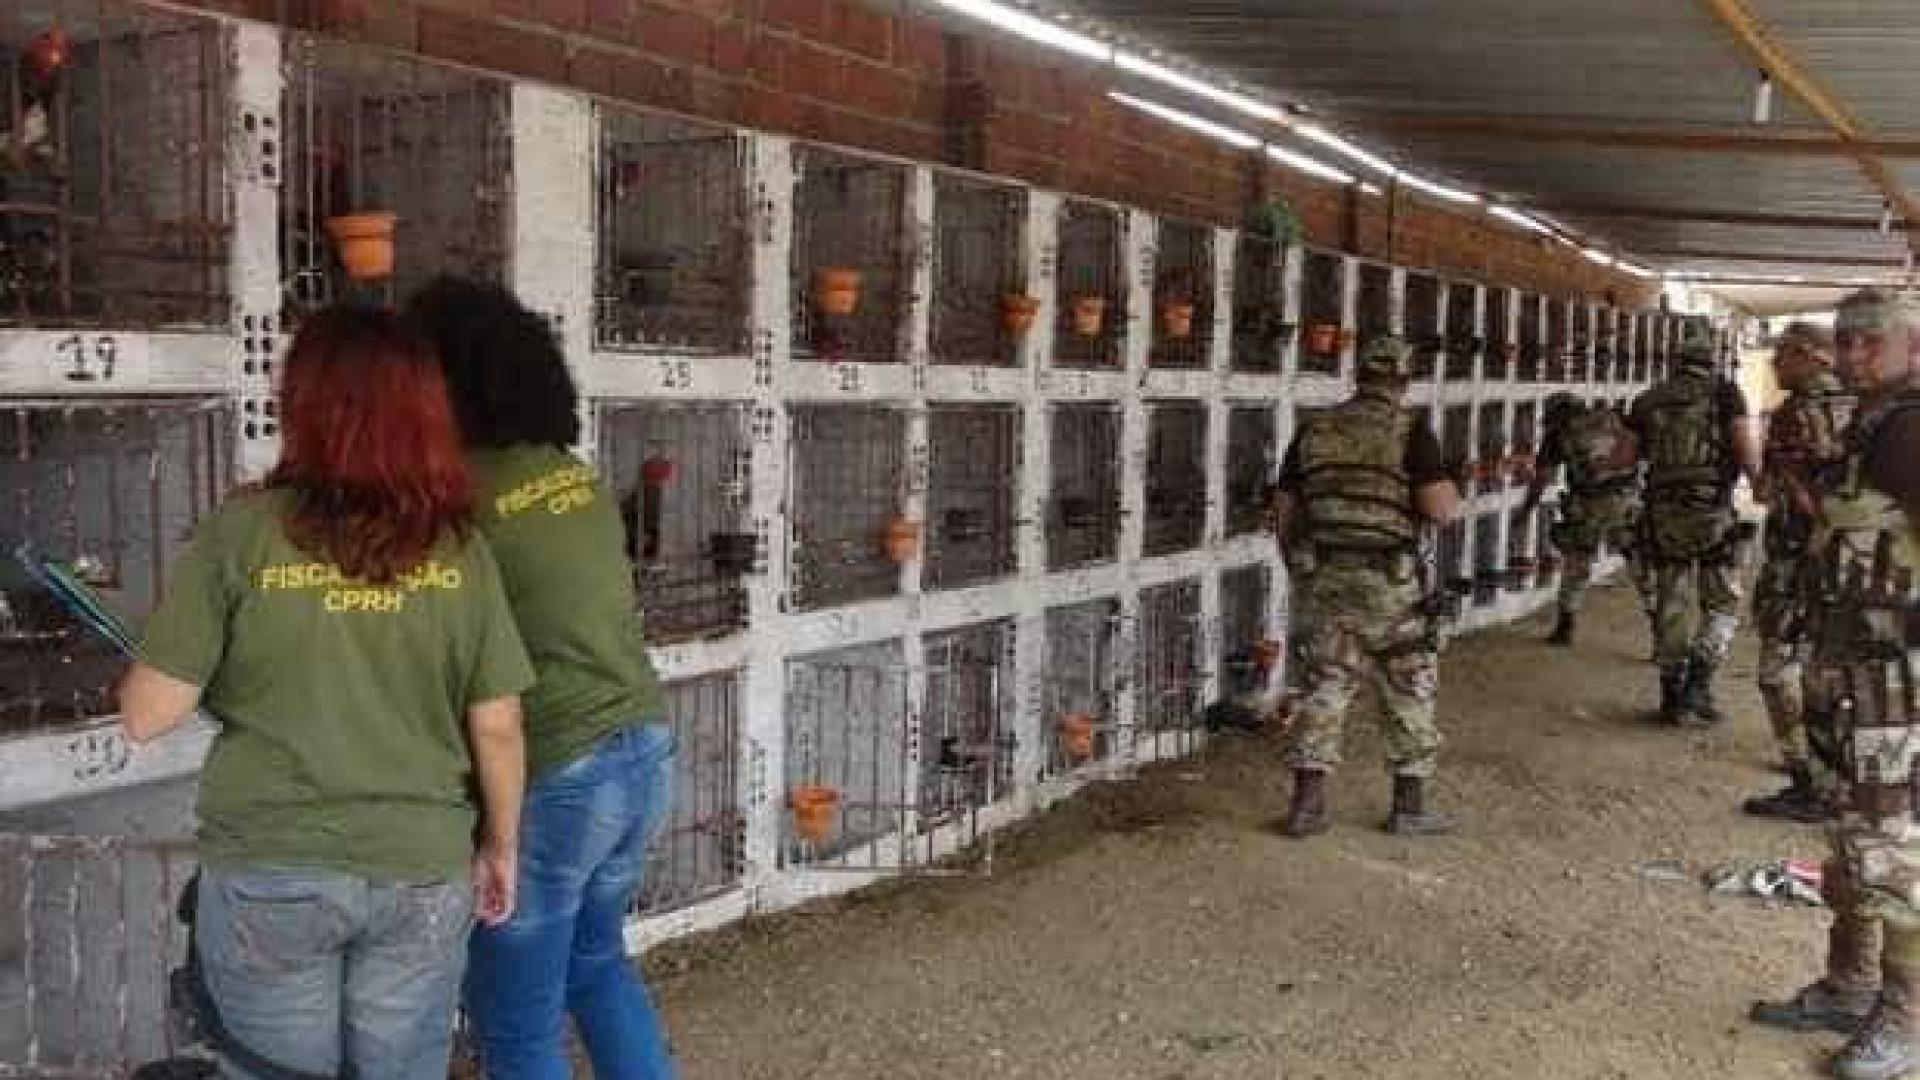 Rinha com 145 galos é desativada  e dono multado em R$ 435 mil